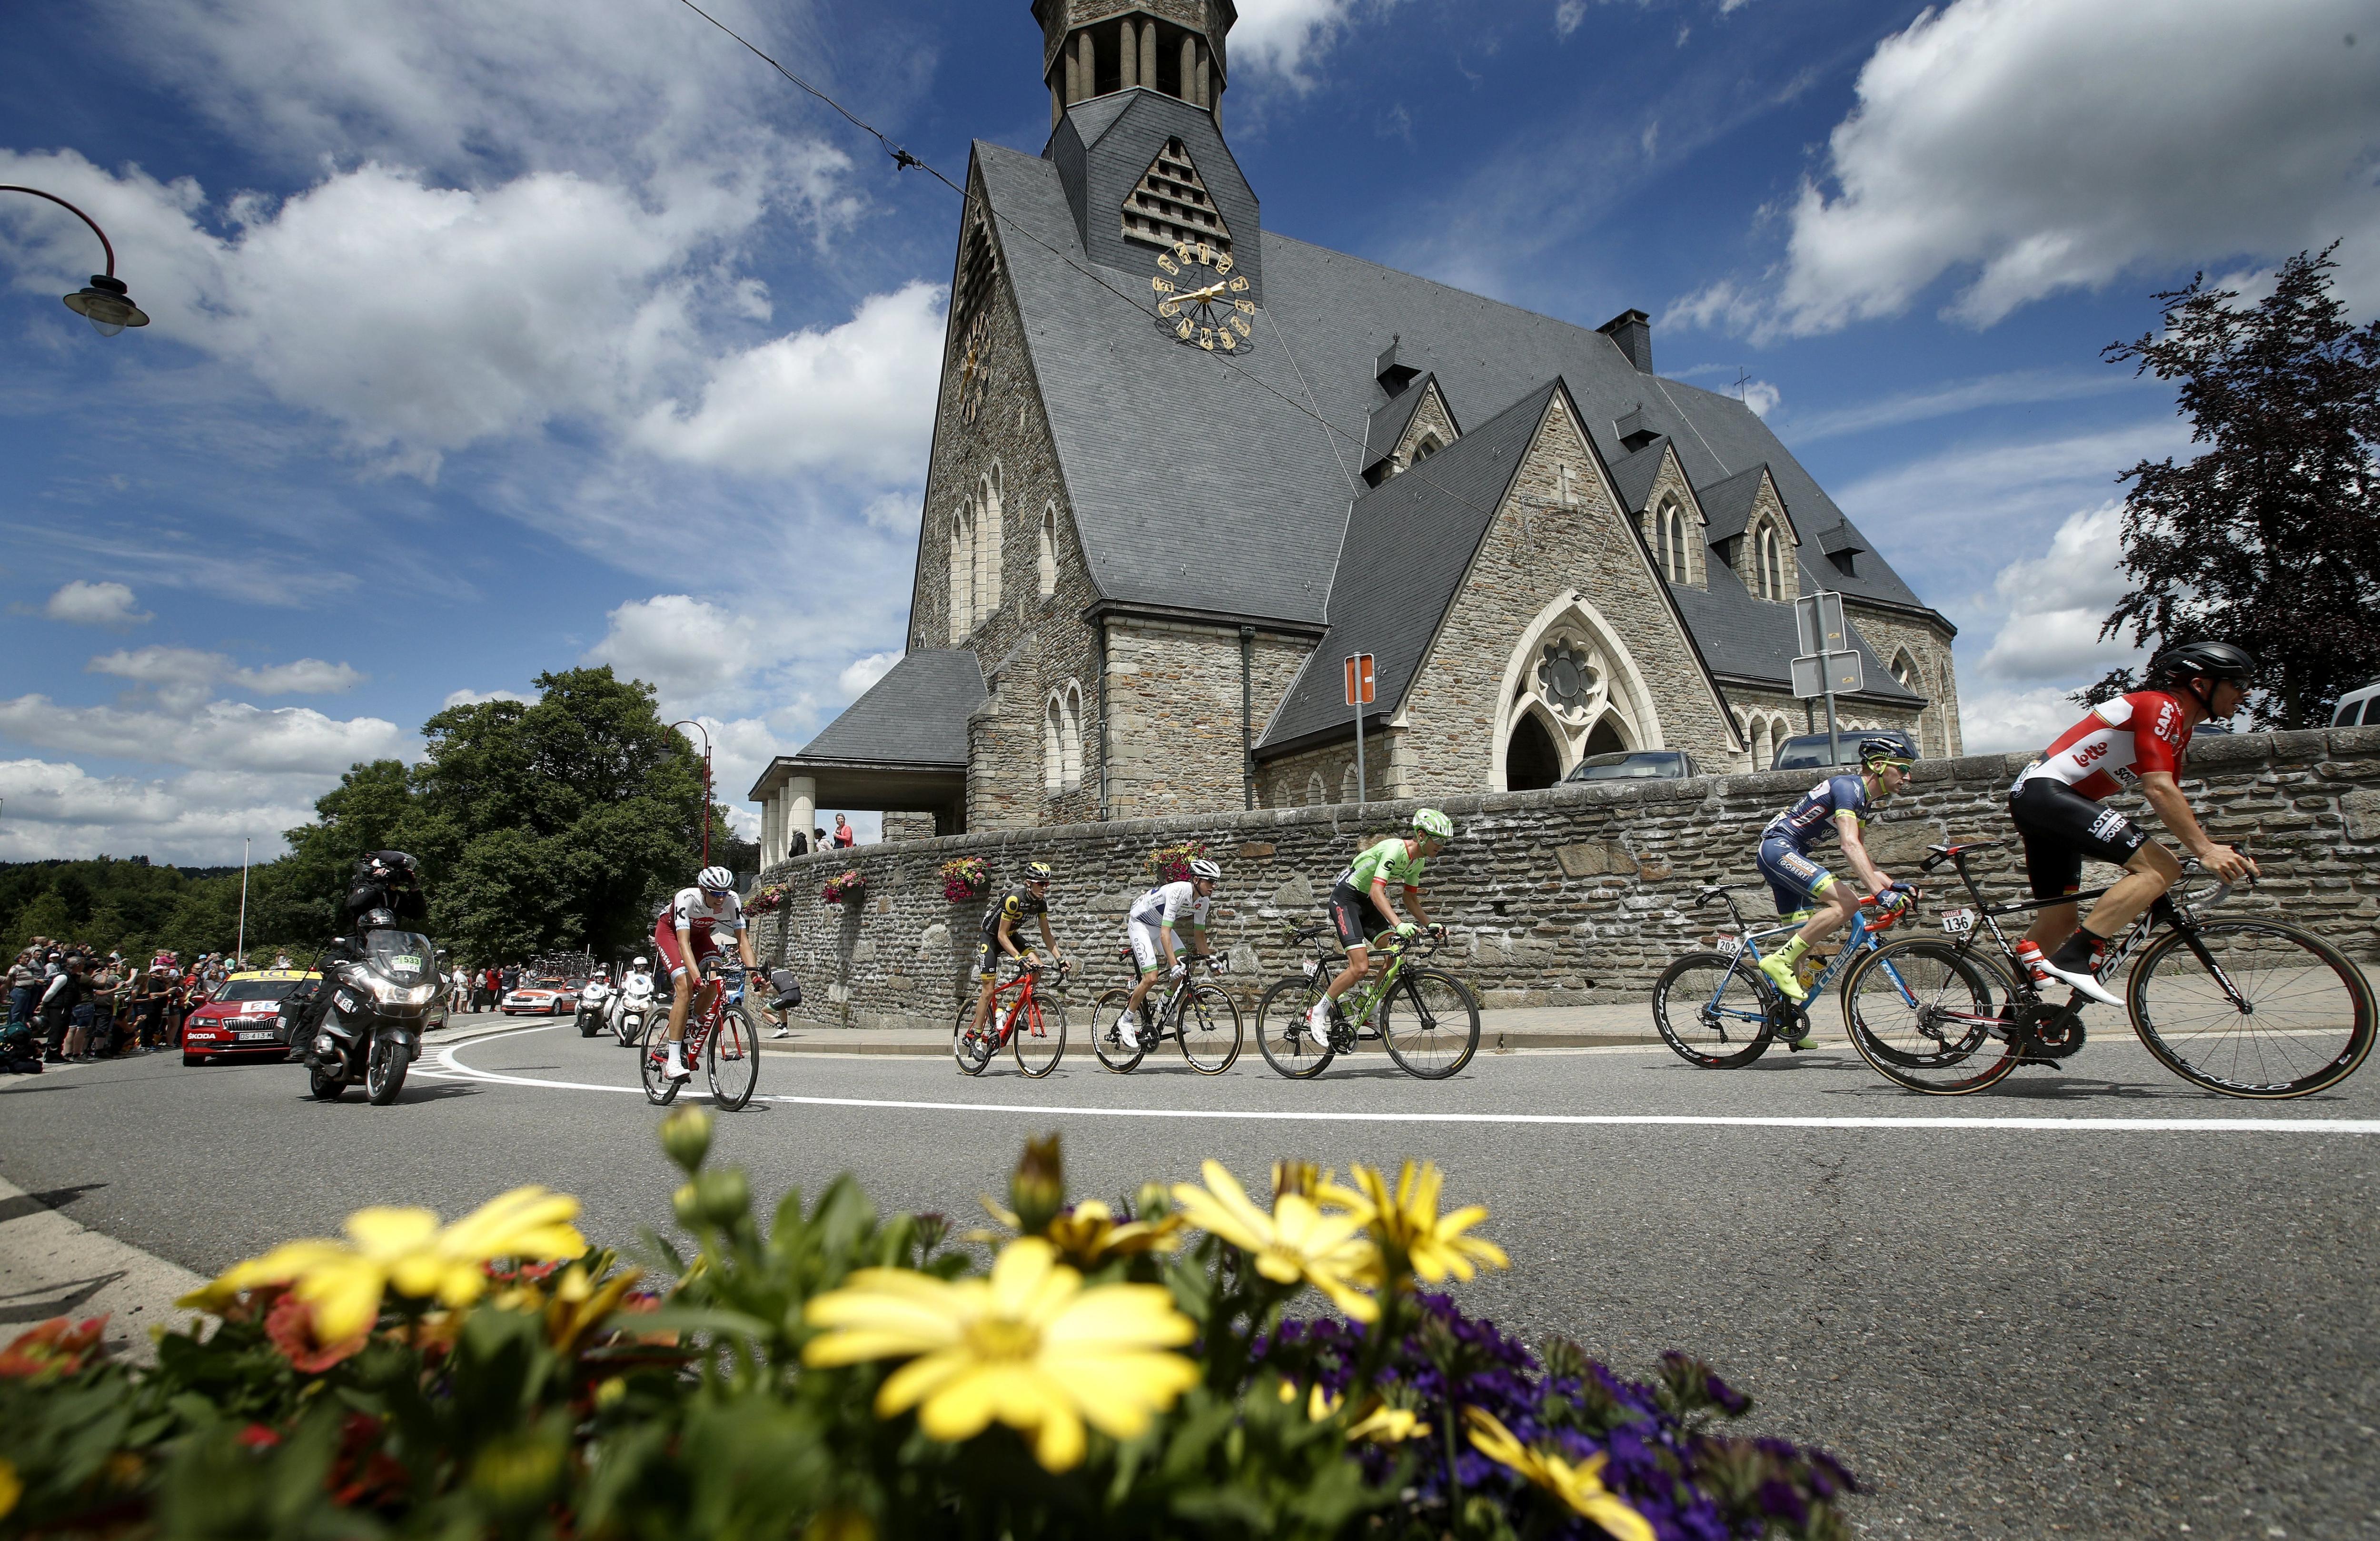 L'escamot durant la tercera etapa del Tour de França, una carrera de 212 km entre les localitats de Verviers (Bèlgica) i Longwy (França). /YOAN VALAT